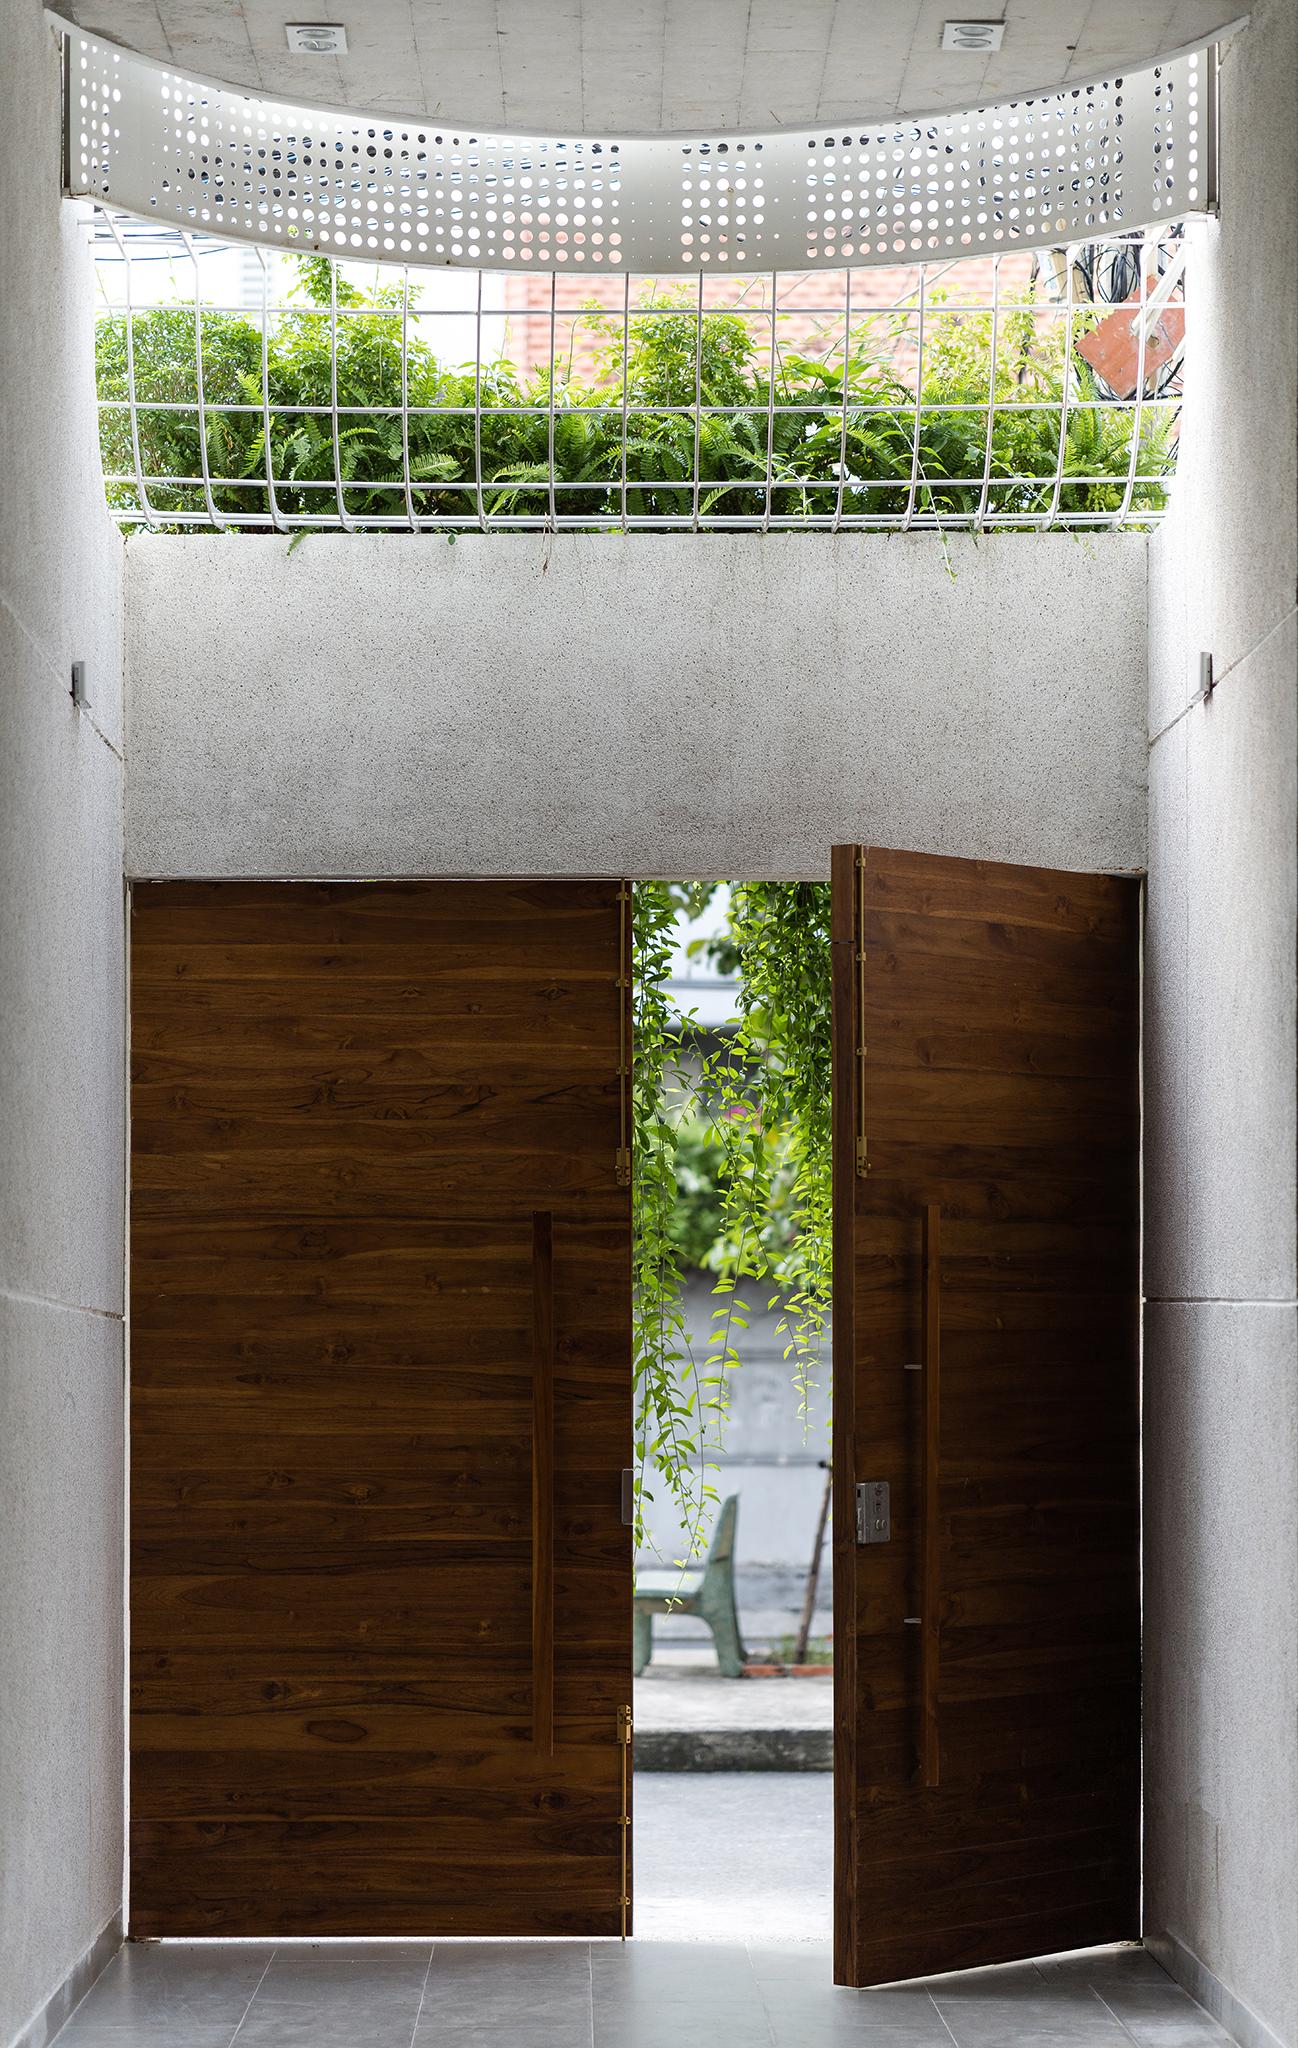 cánh cổng nhà bằng gỗ